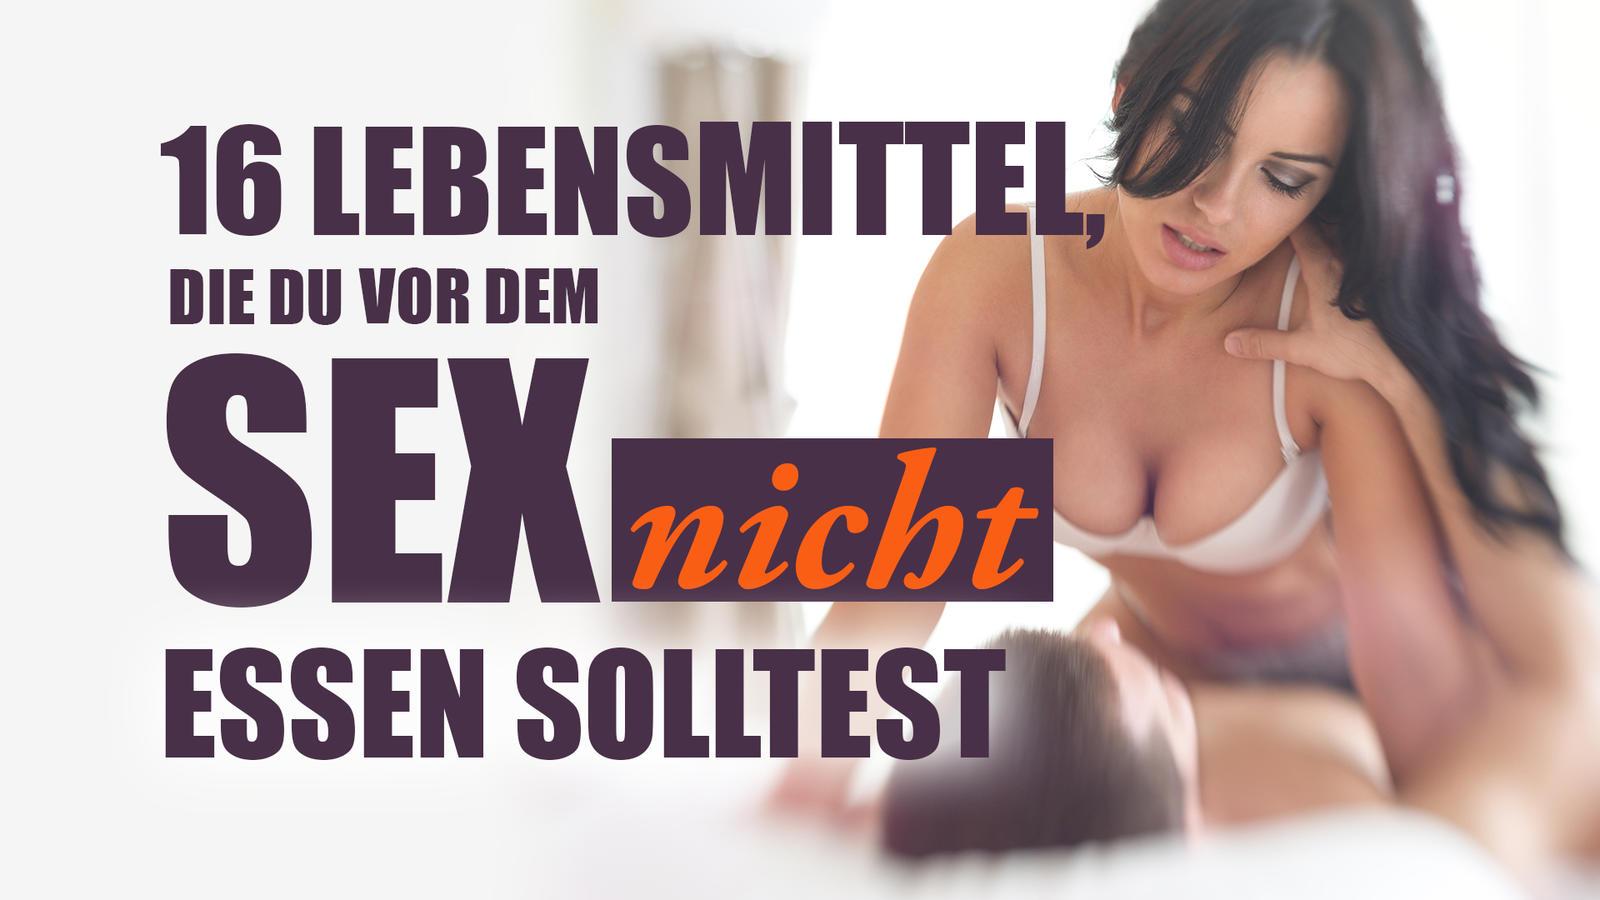 Essen sex Scheisse essen